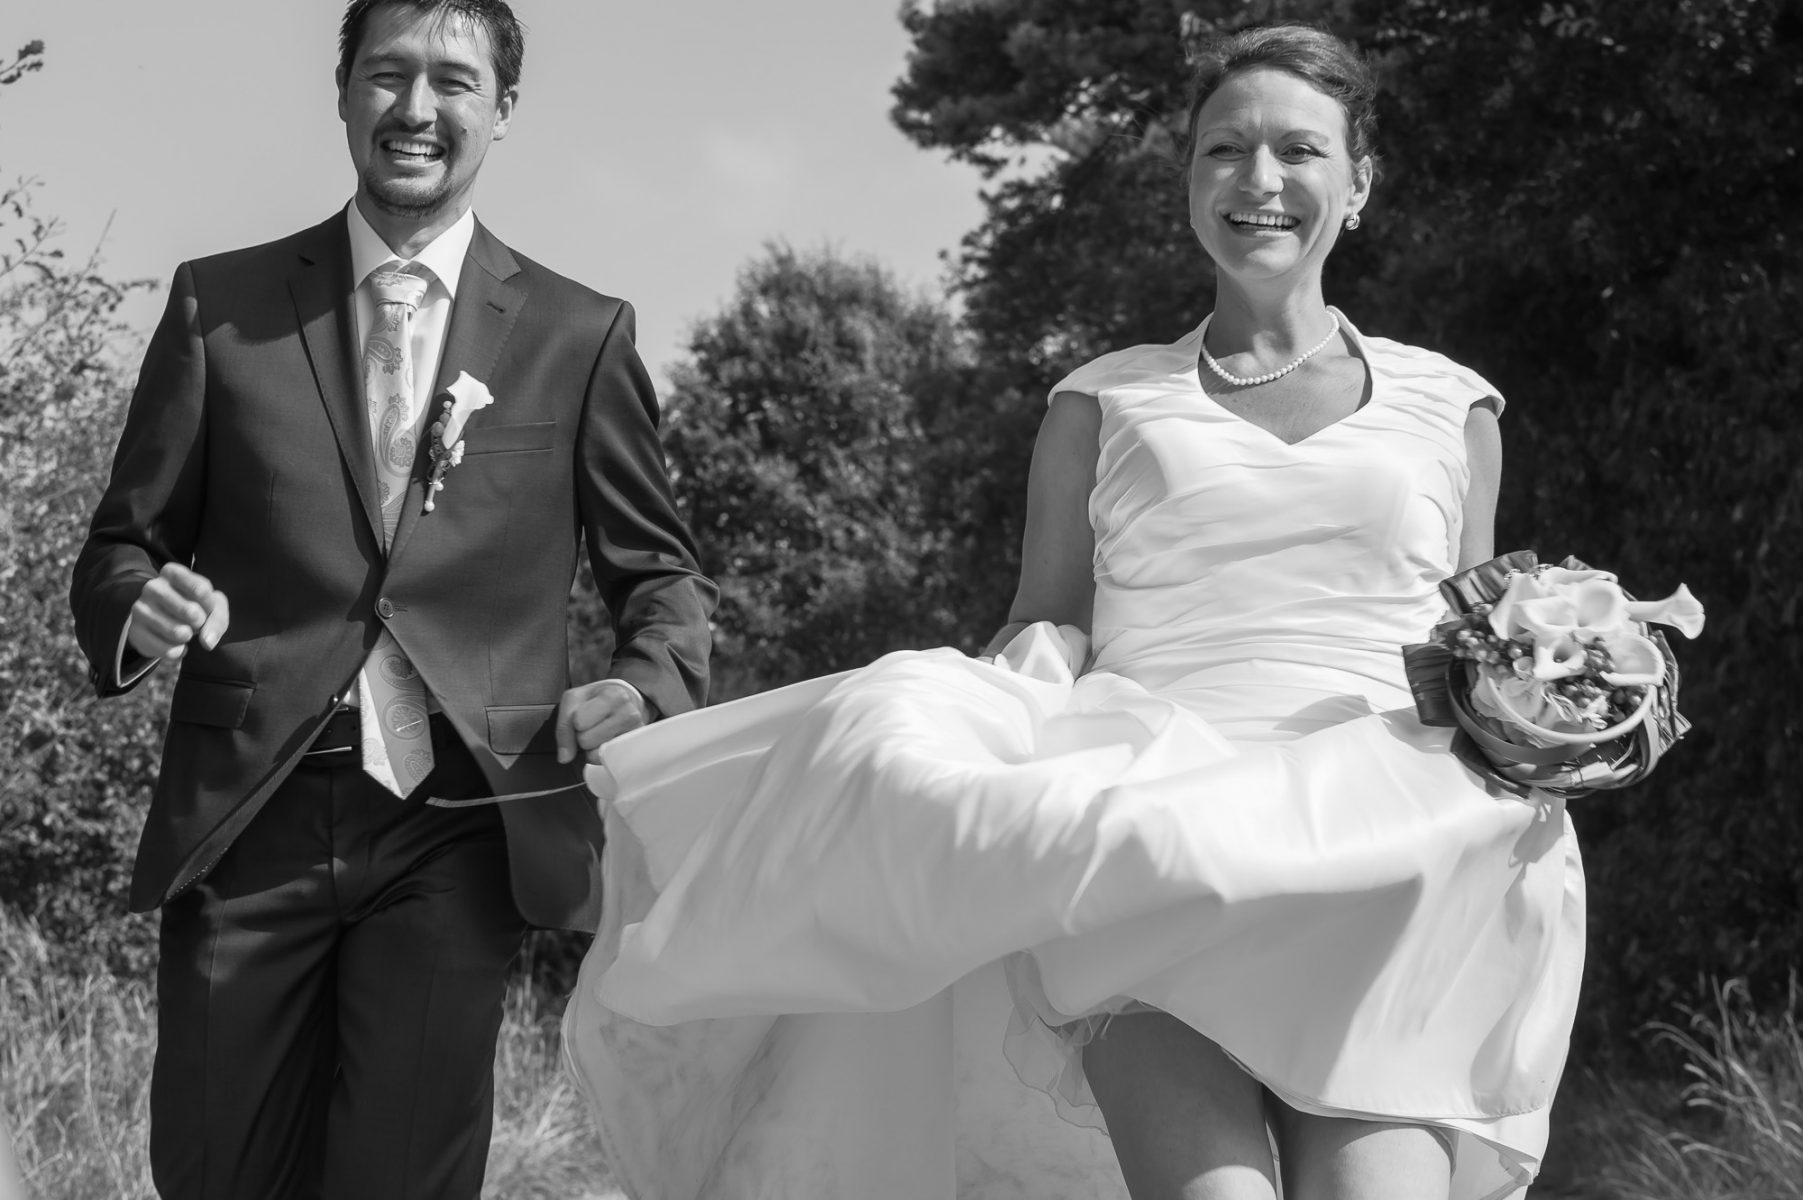 Hochzeit Paarfoto B2000  4864 1803x1200 - ZWEISAM